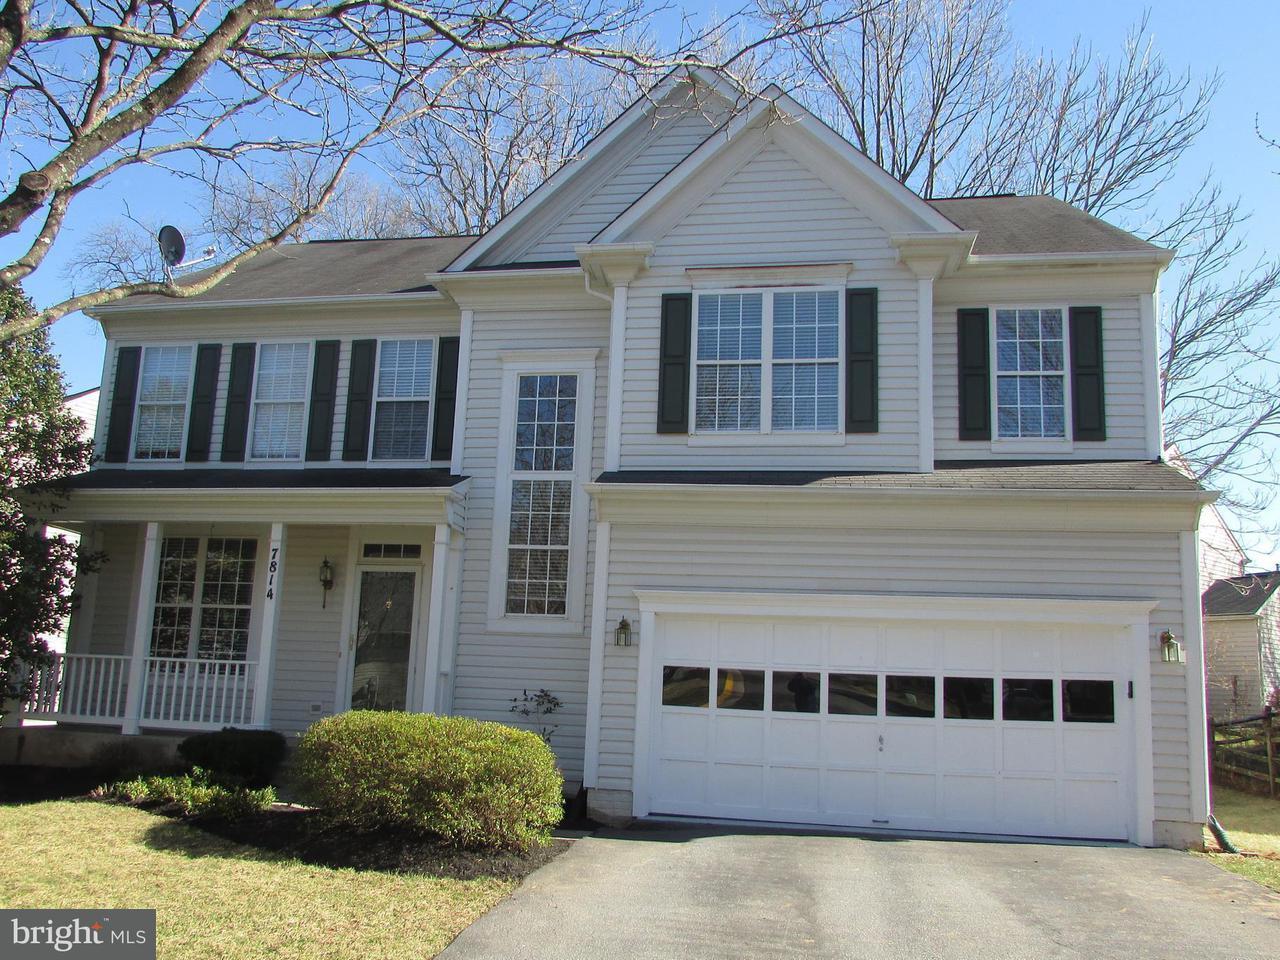 独户住宅 为 销售 在 7814 Heritage Farm Drive 7814 Heritage Farm Drive Montgomery Village, 马里兰州 20886 美国